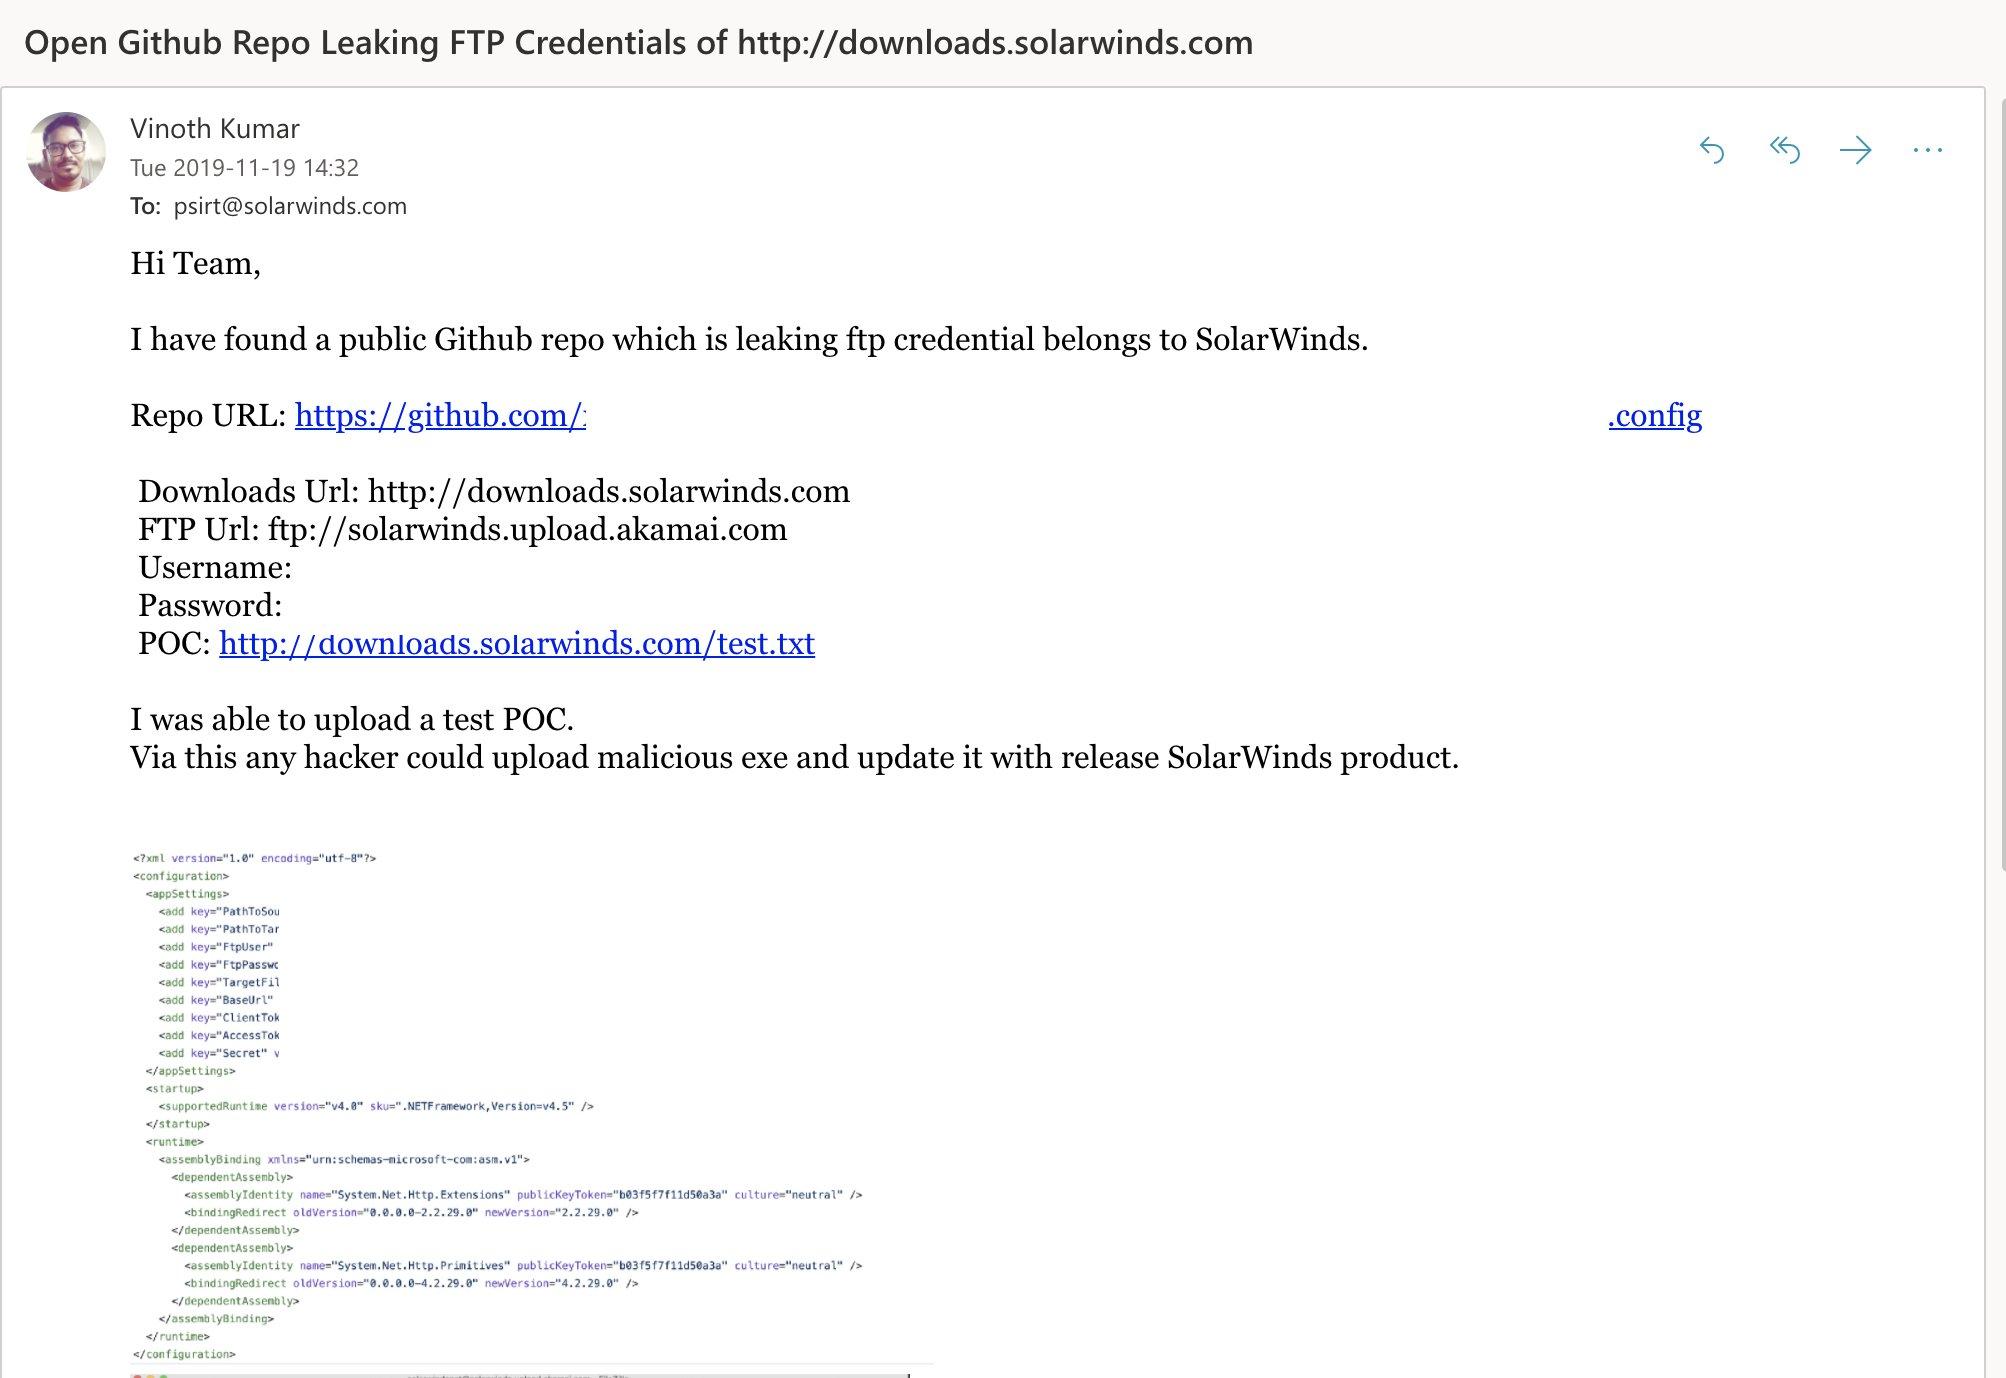 solarwinds hack breach ftp credentials leak